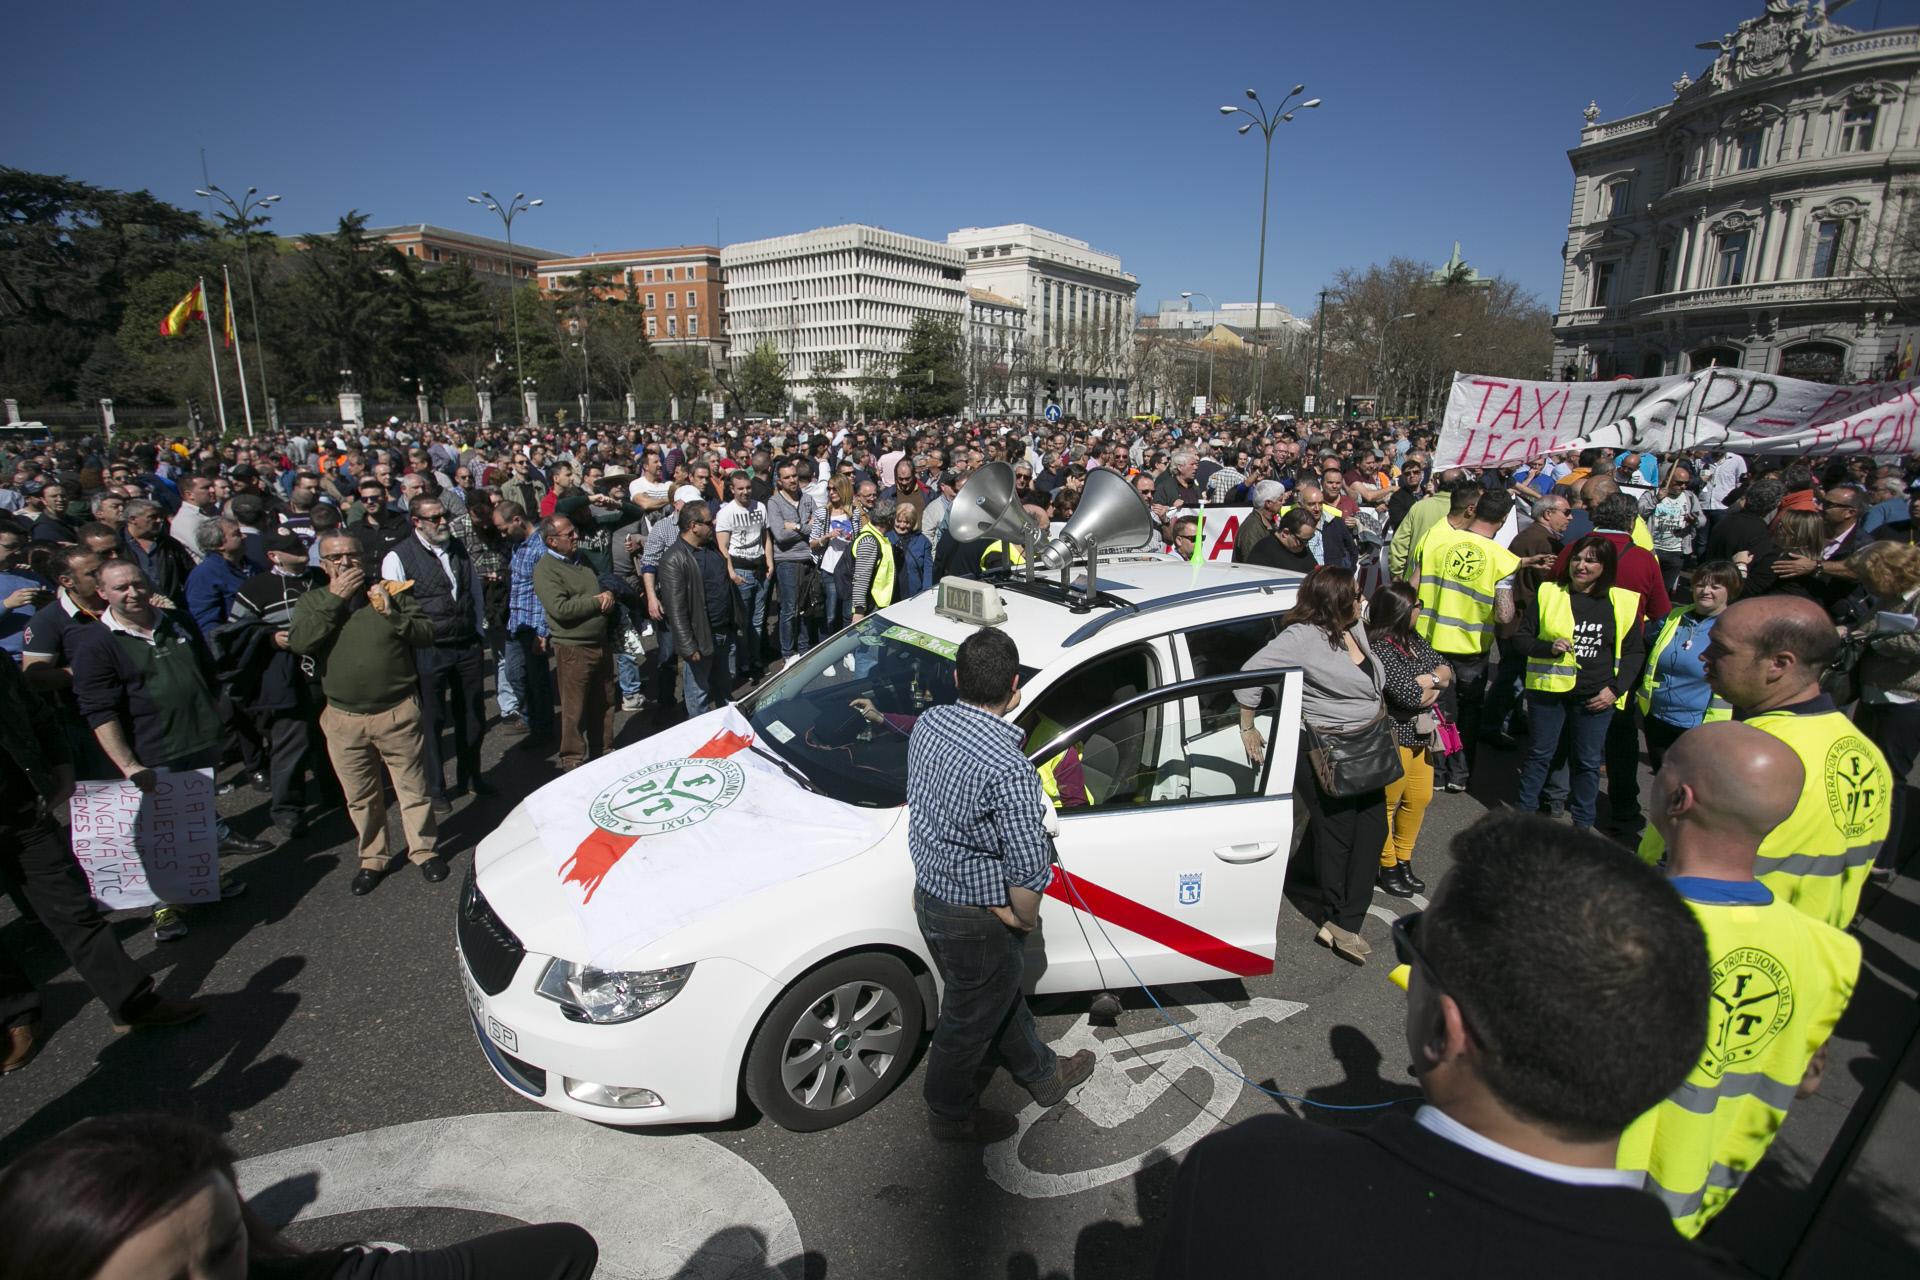 Manifestações de taxistas contra plataformas têm acontecido em vários países, como esta em Espanha (Madrid). / Gtres